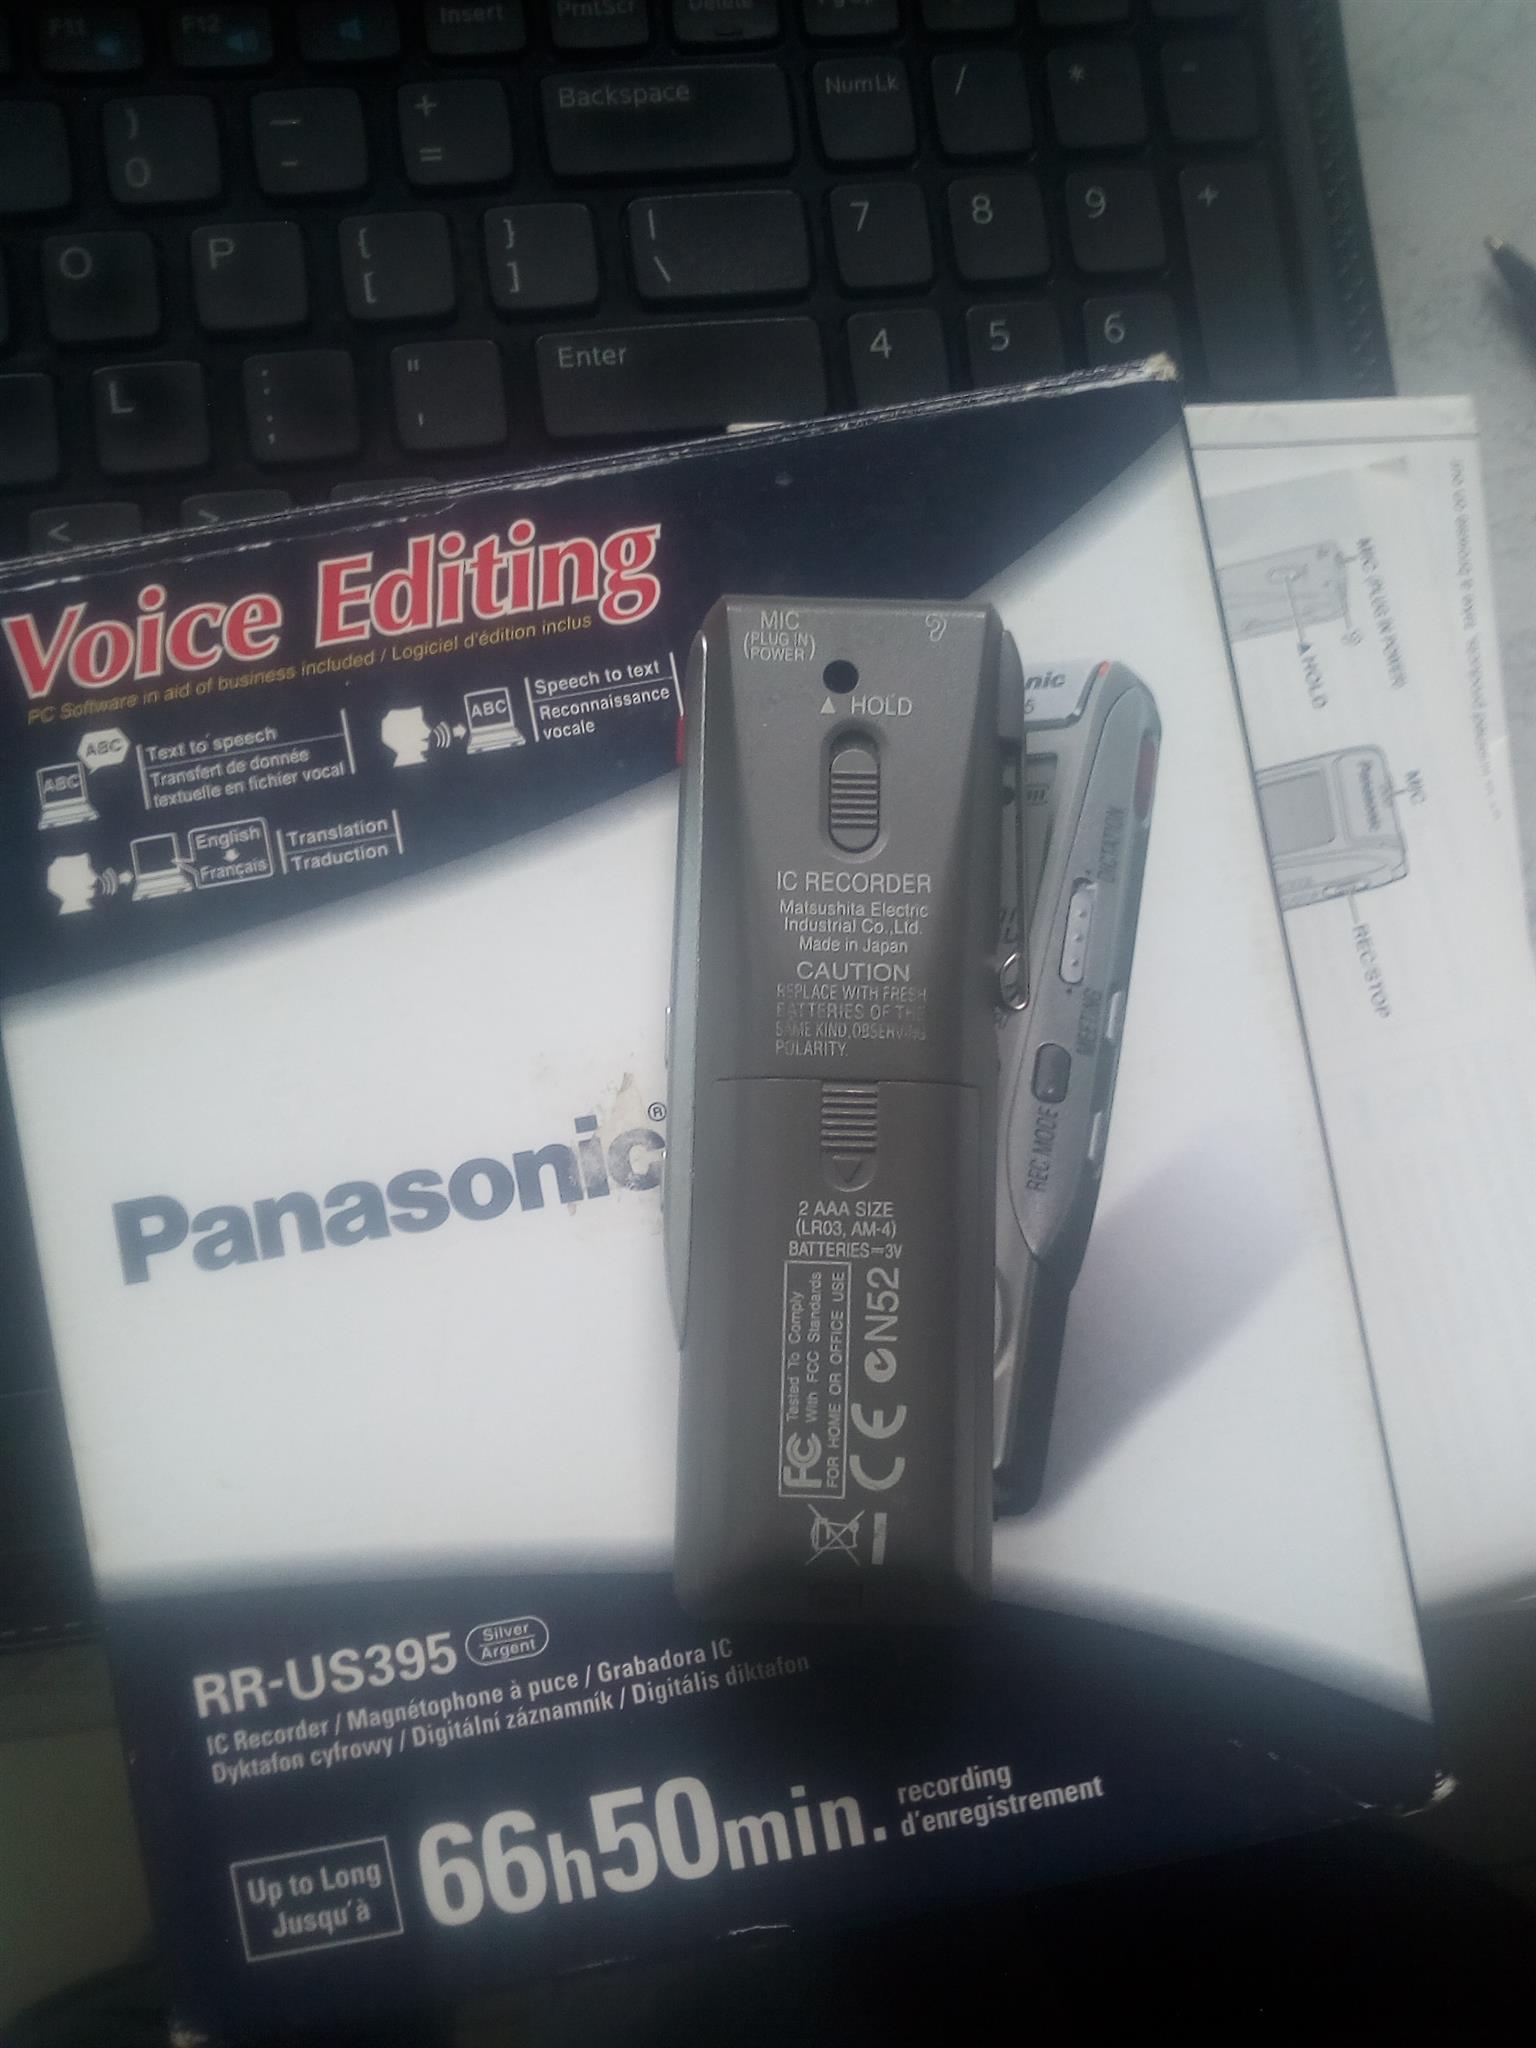 Panasonic Voice recorder